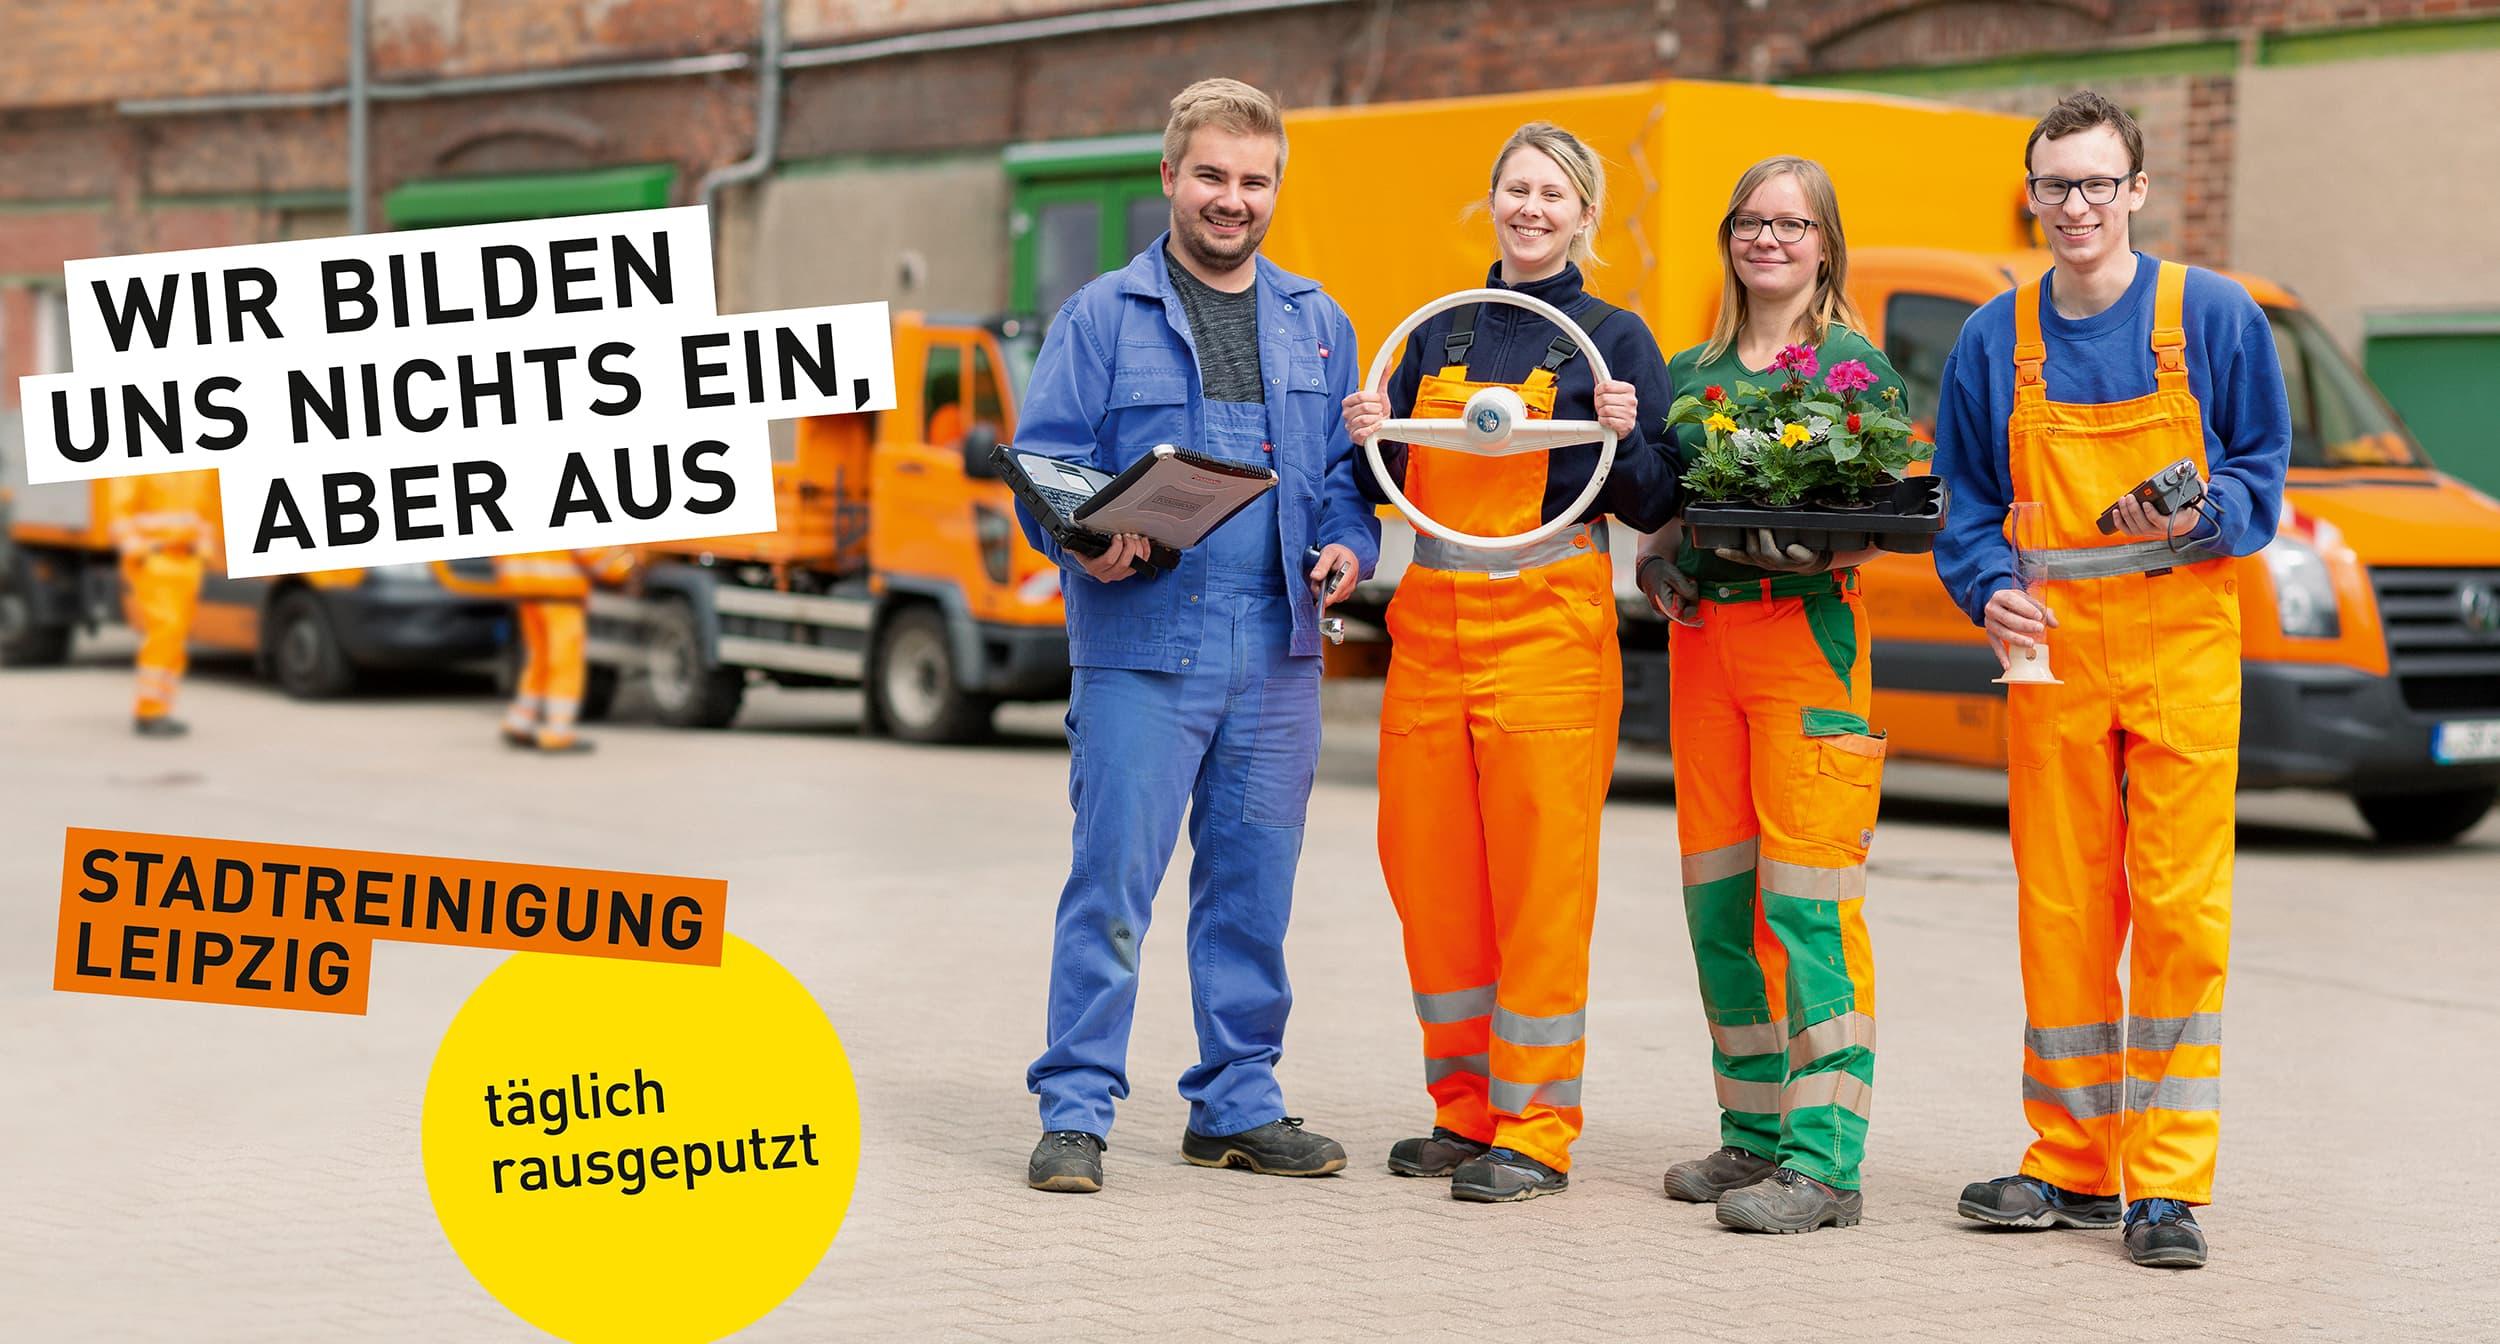 Stadtreinigung Leipzig - Portraitfotografie von Auszubildenden auf dem Wertstoffhof. © Regentaucher Fotografie